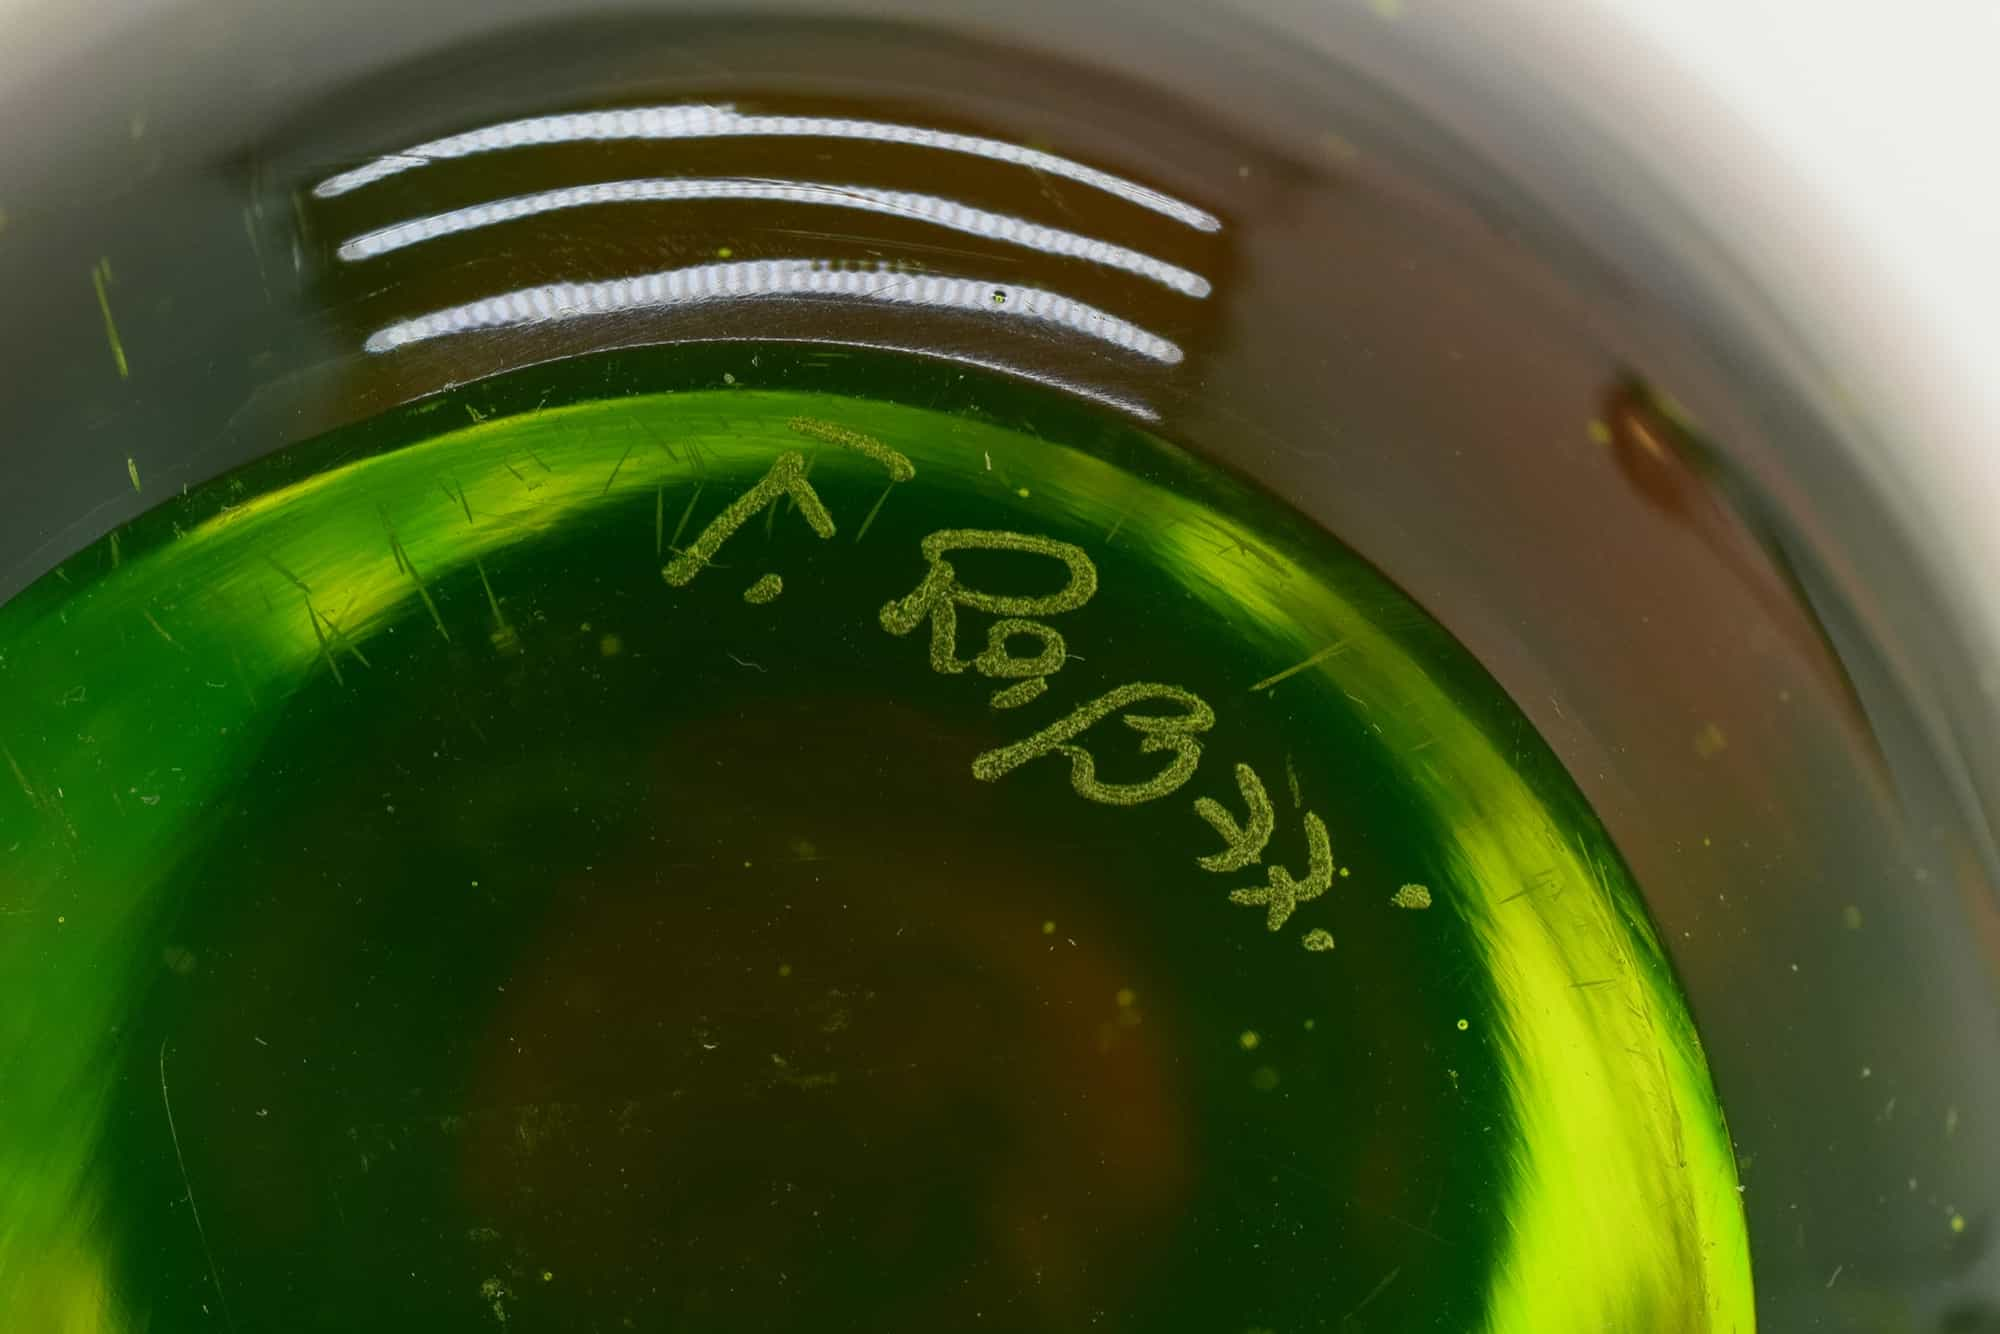 Затопленное животное из муранского стекла - (арт. 36978)